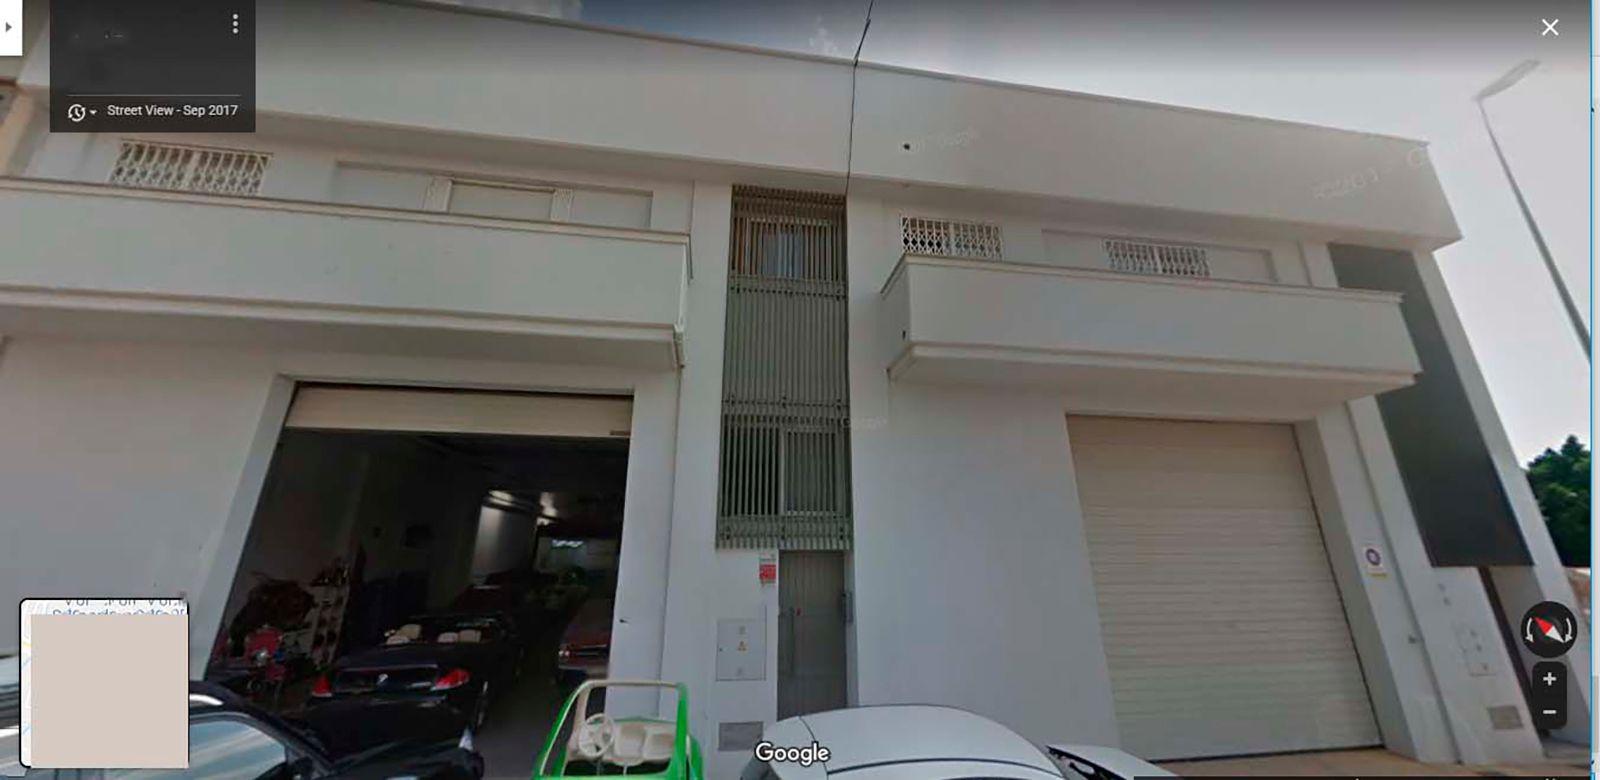 Commercial property in San Pedro de Alcántara, POLIGONO SAN PEDRO, for rent